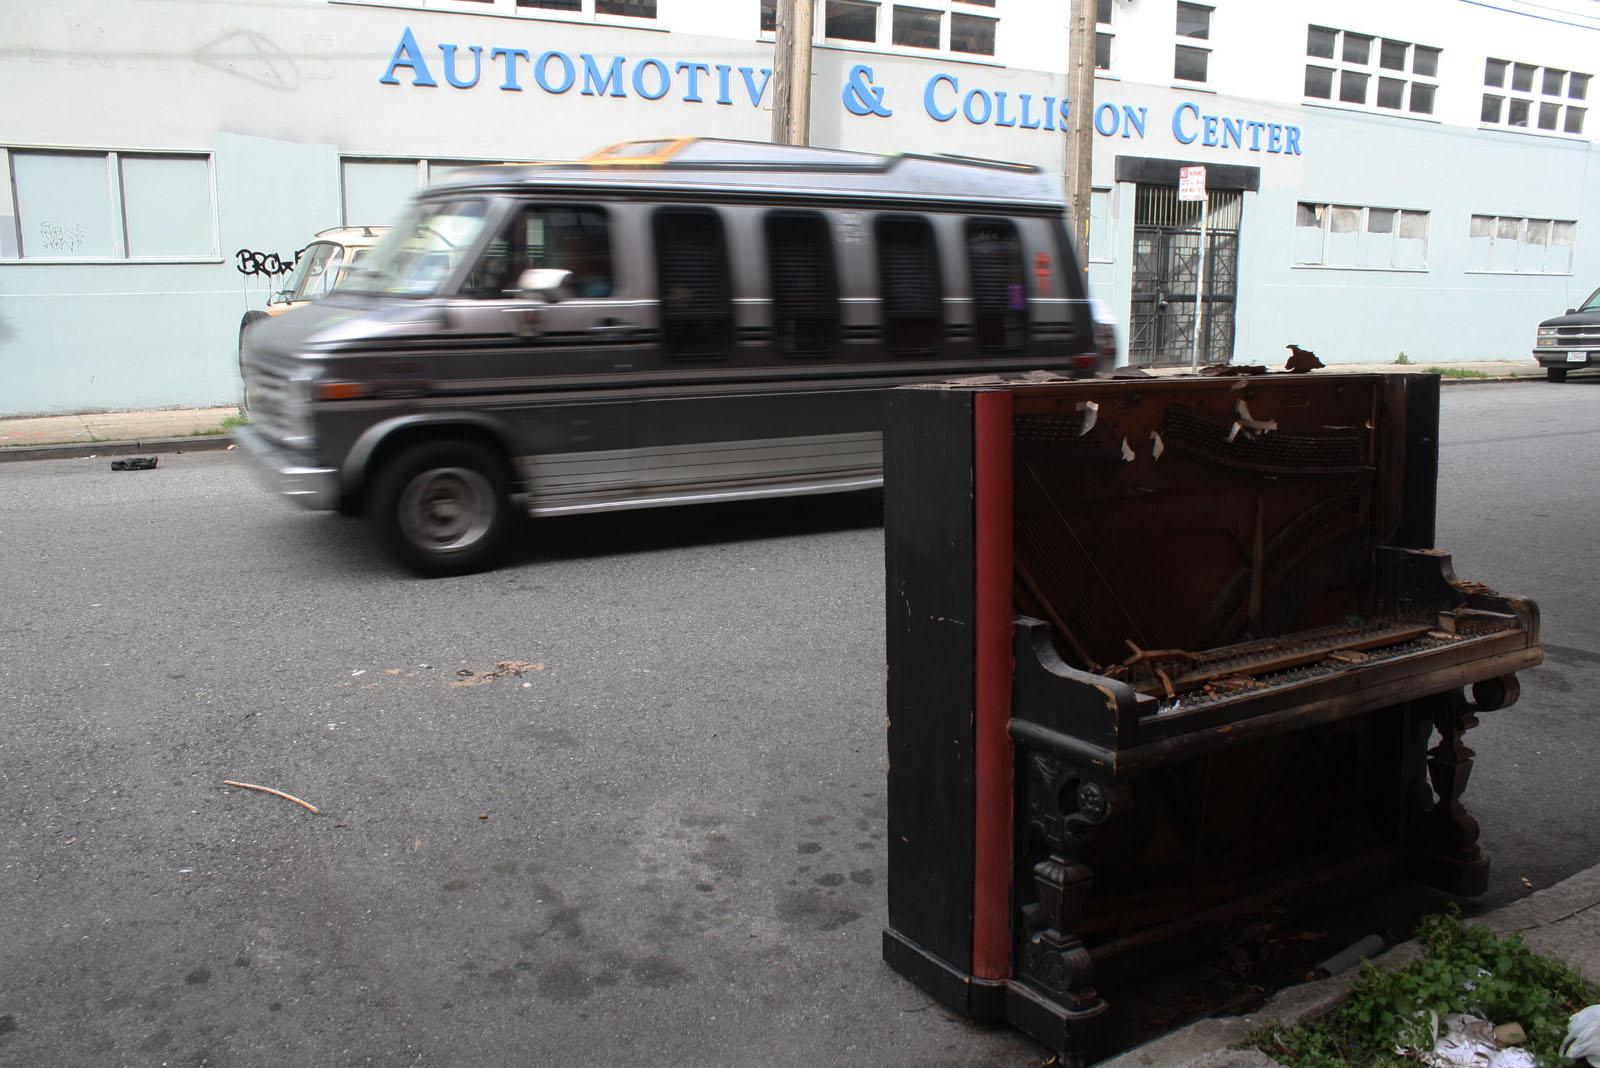 Free Piano on Treat Street